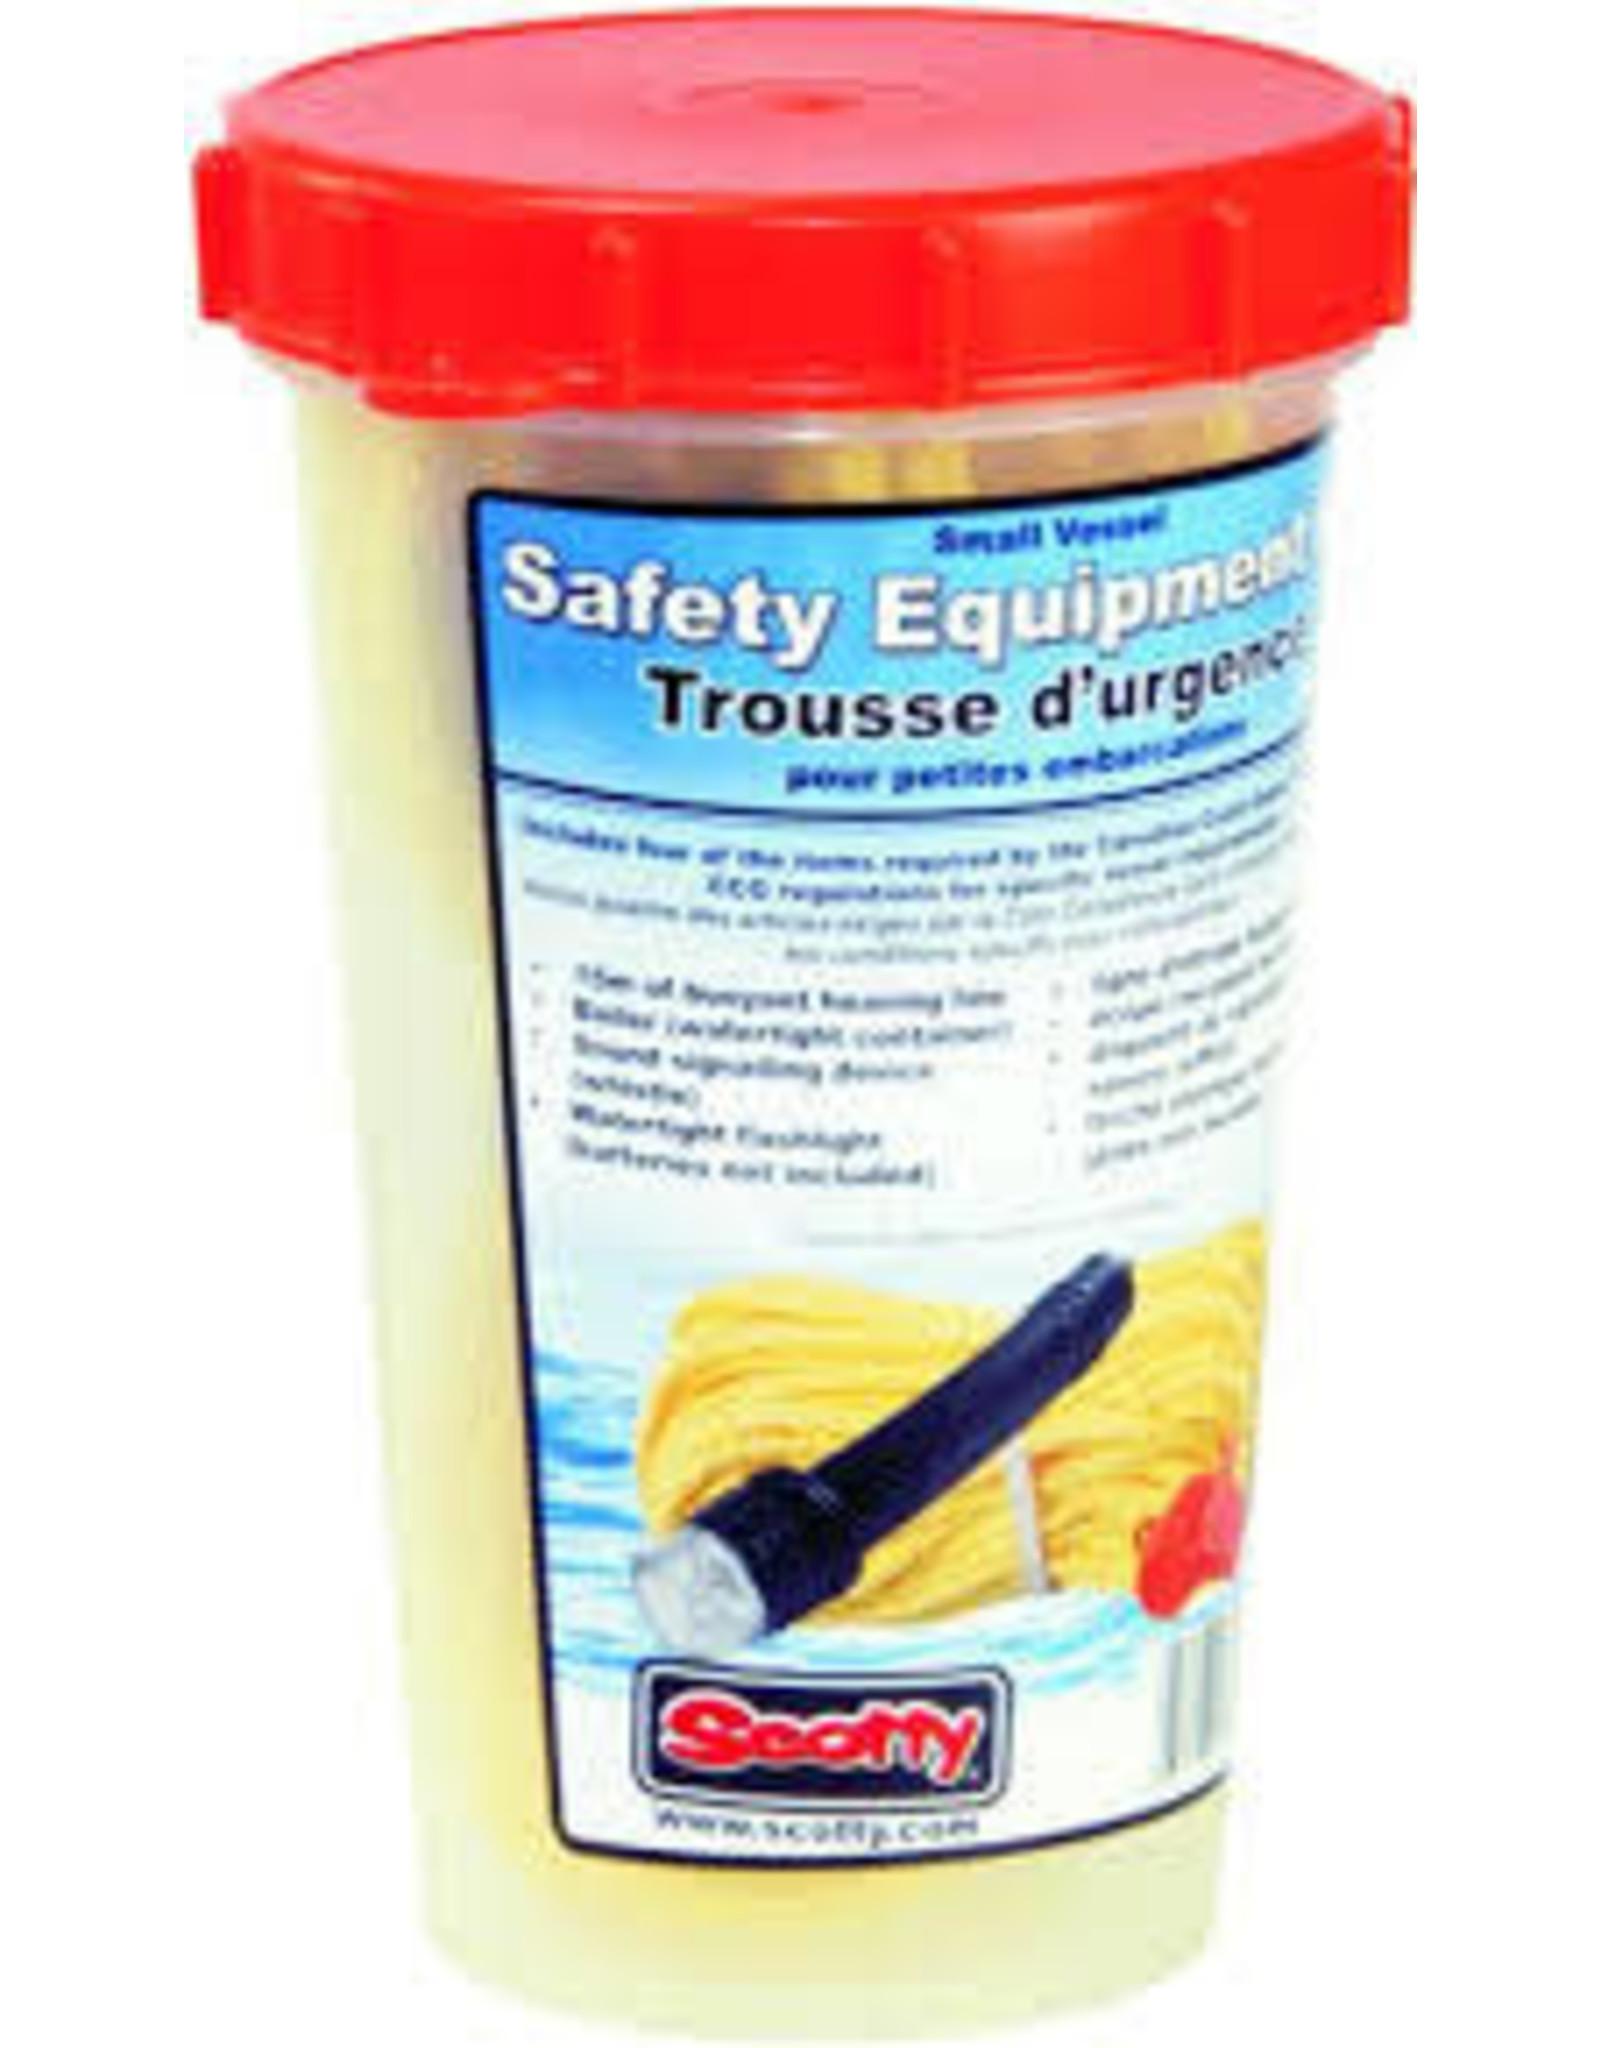 Scotty Scotty 779 Trousse d'équipement de sécurité pour petits bâtiments